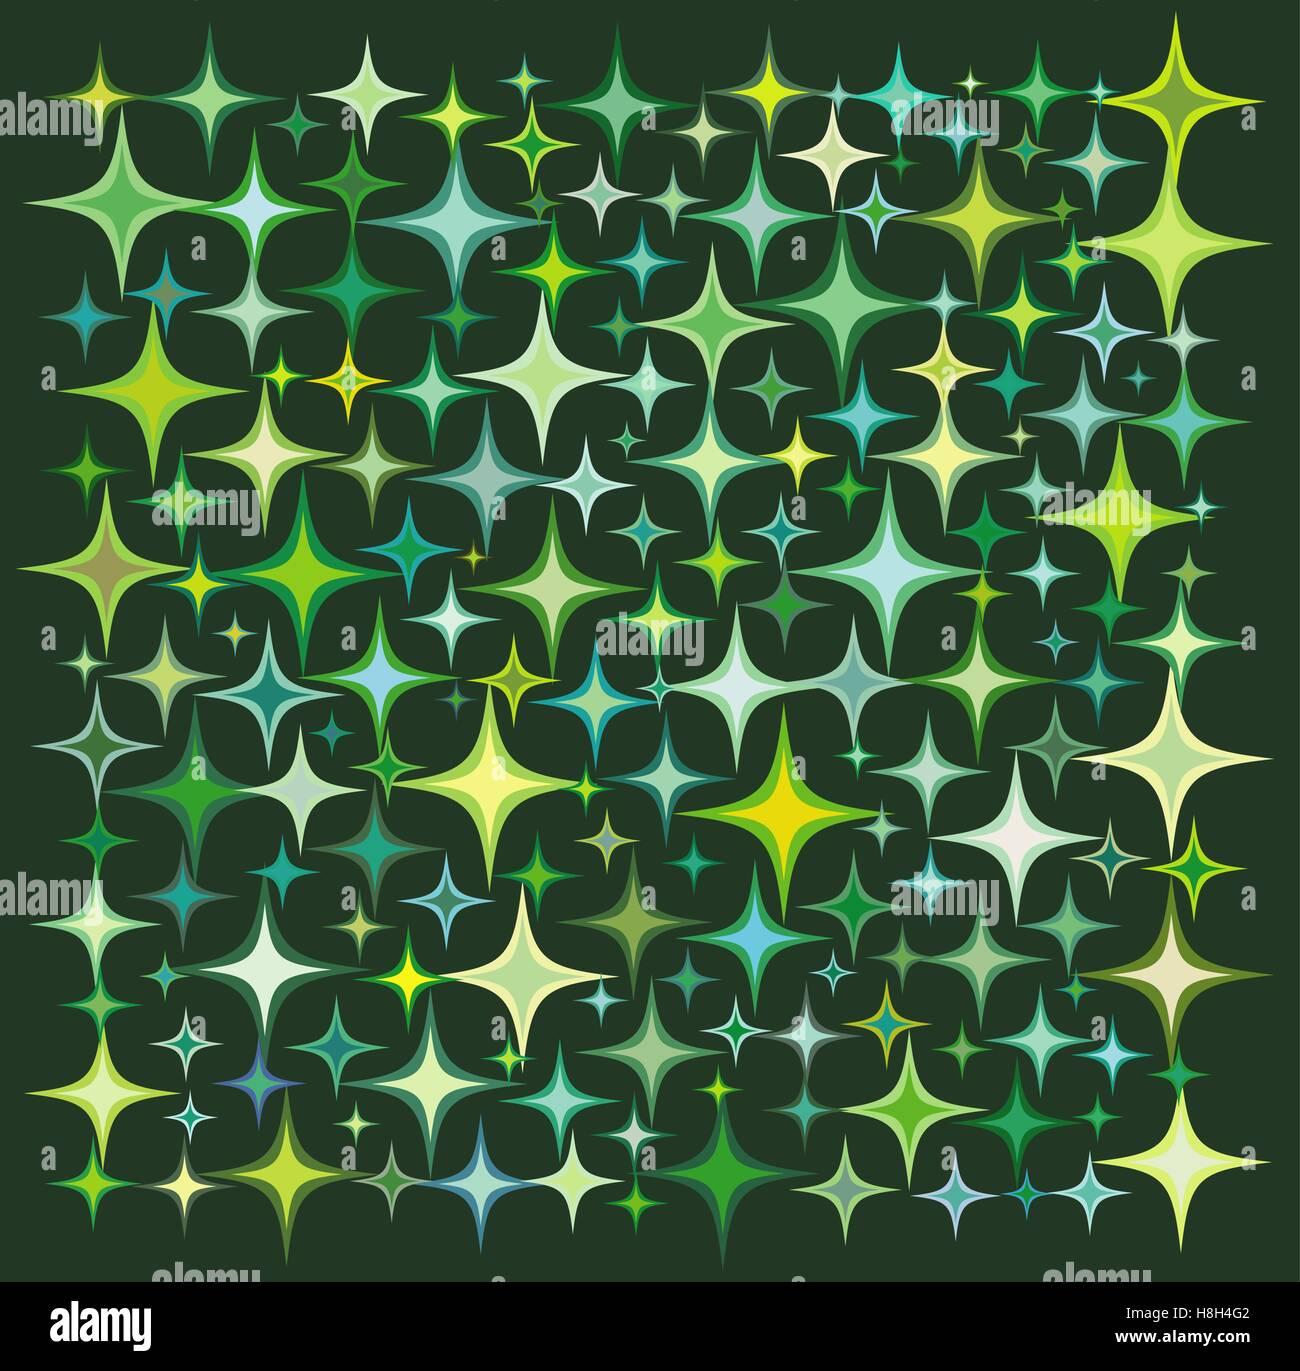 green yellow star collection over a deep green backdrop - Stock Vector